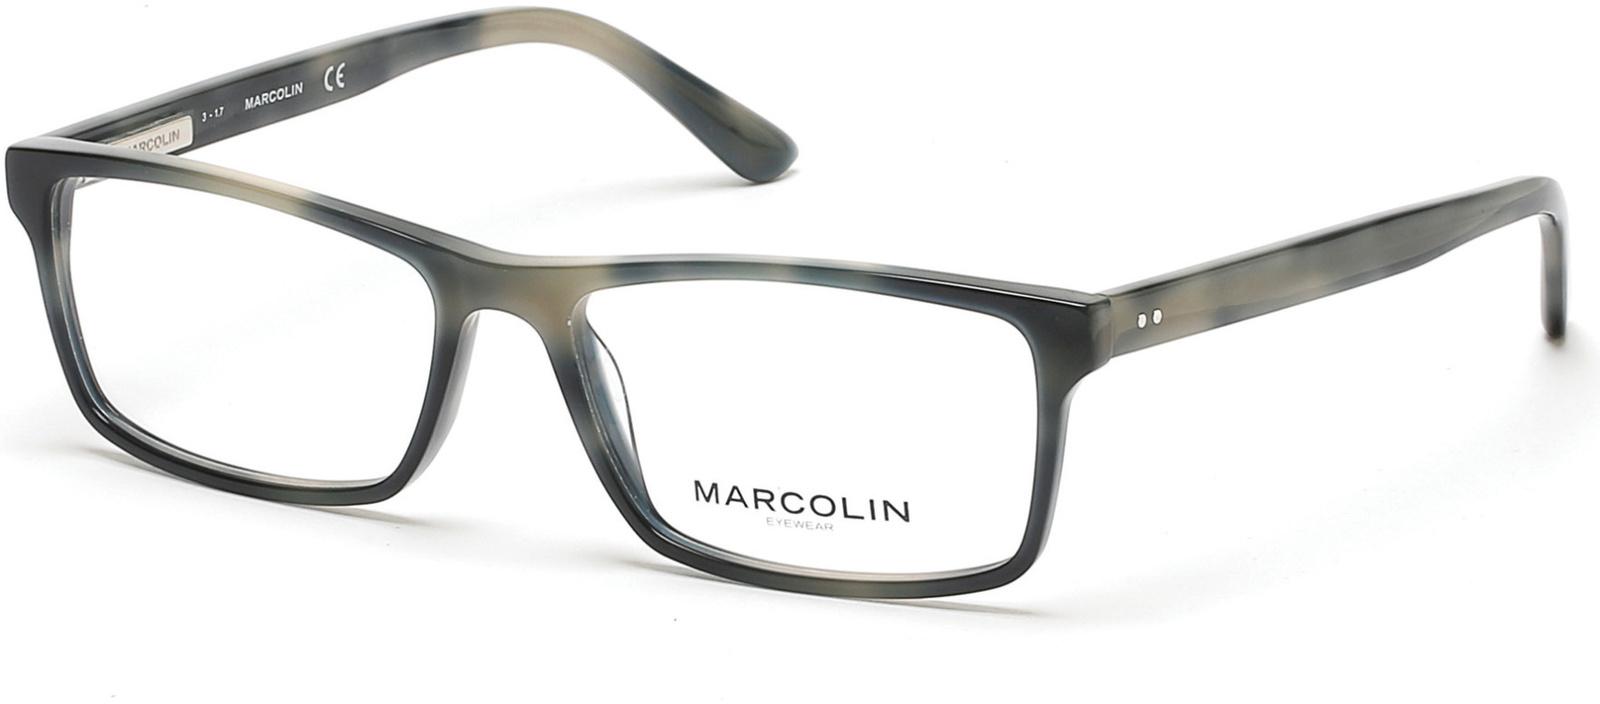 Marcolin MA3008 eyeglasses